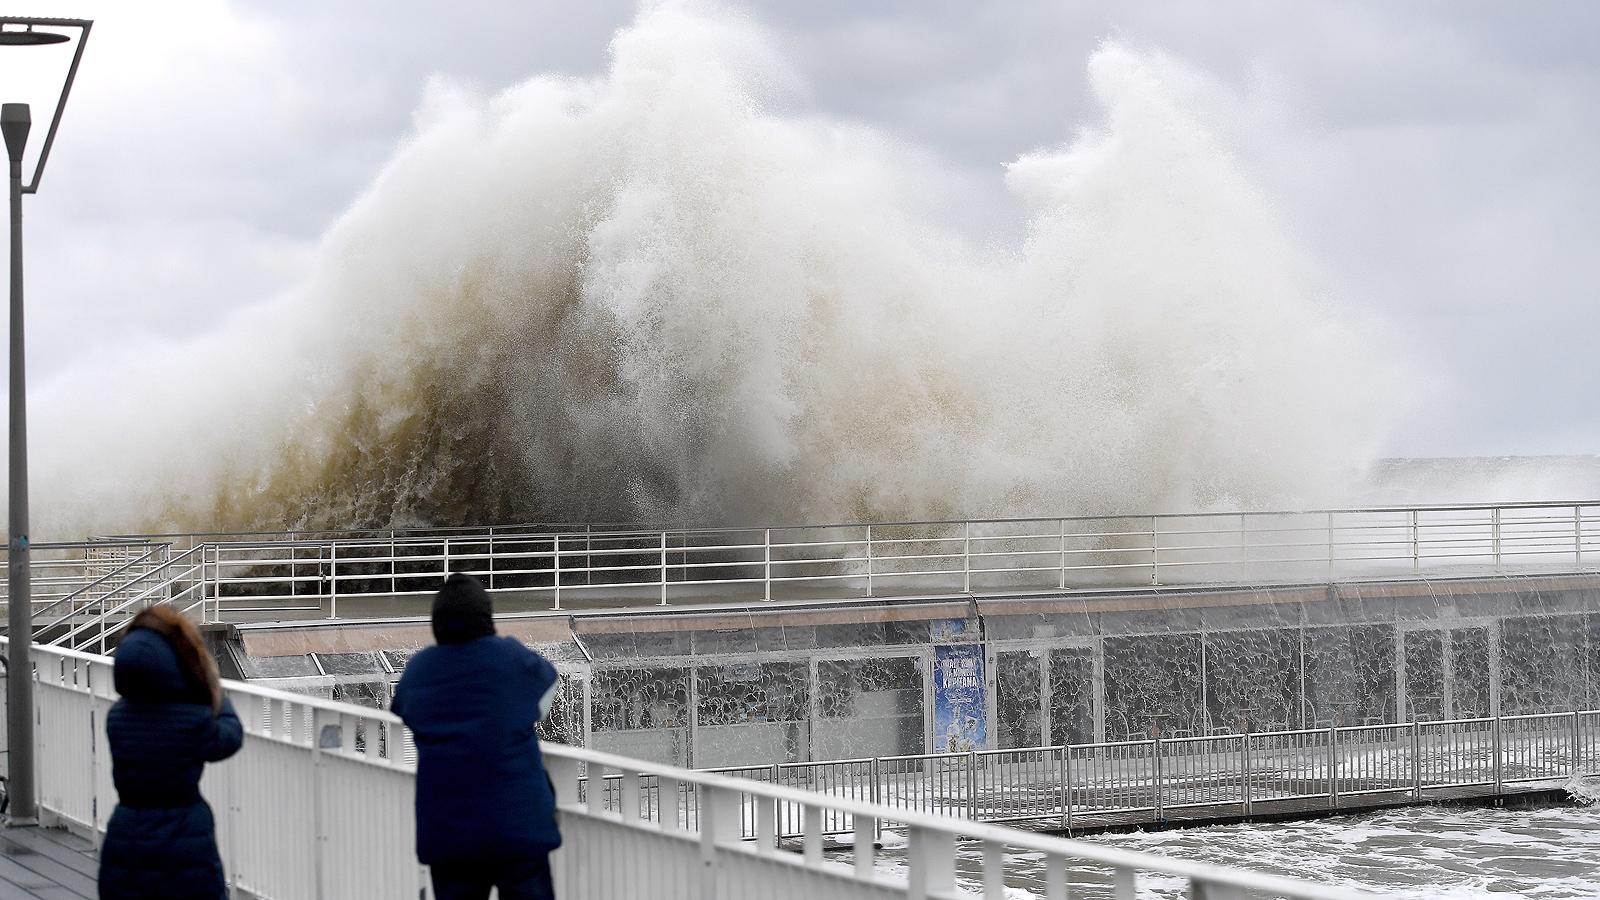 Хора наблюдават бурните вълни на кея в Колобжег, Полша, на 2 януари 2019 г. Институтът по метеорология и управление на водите издаде предупреждение за силен вятър в крайбрежната зона.